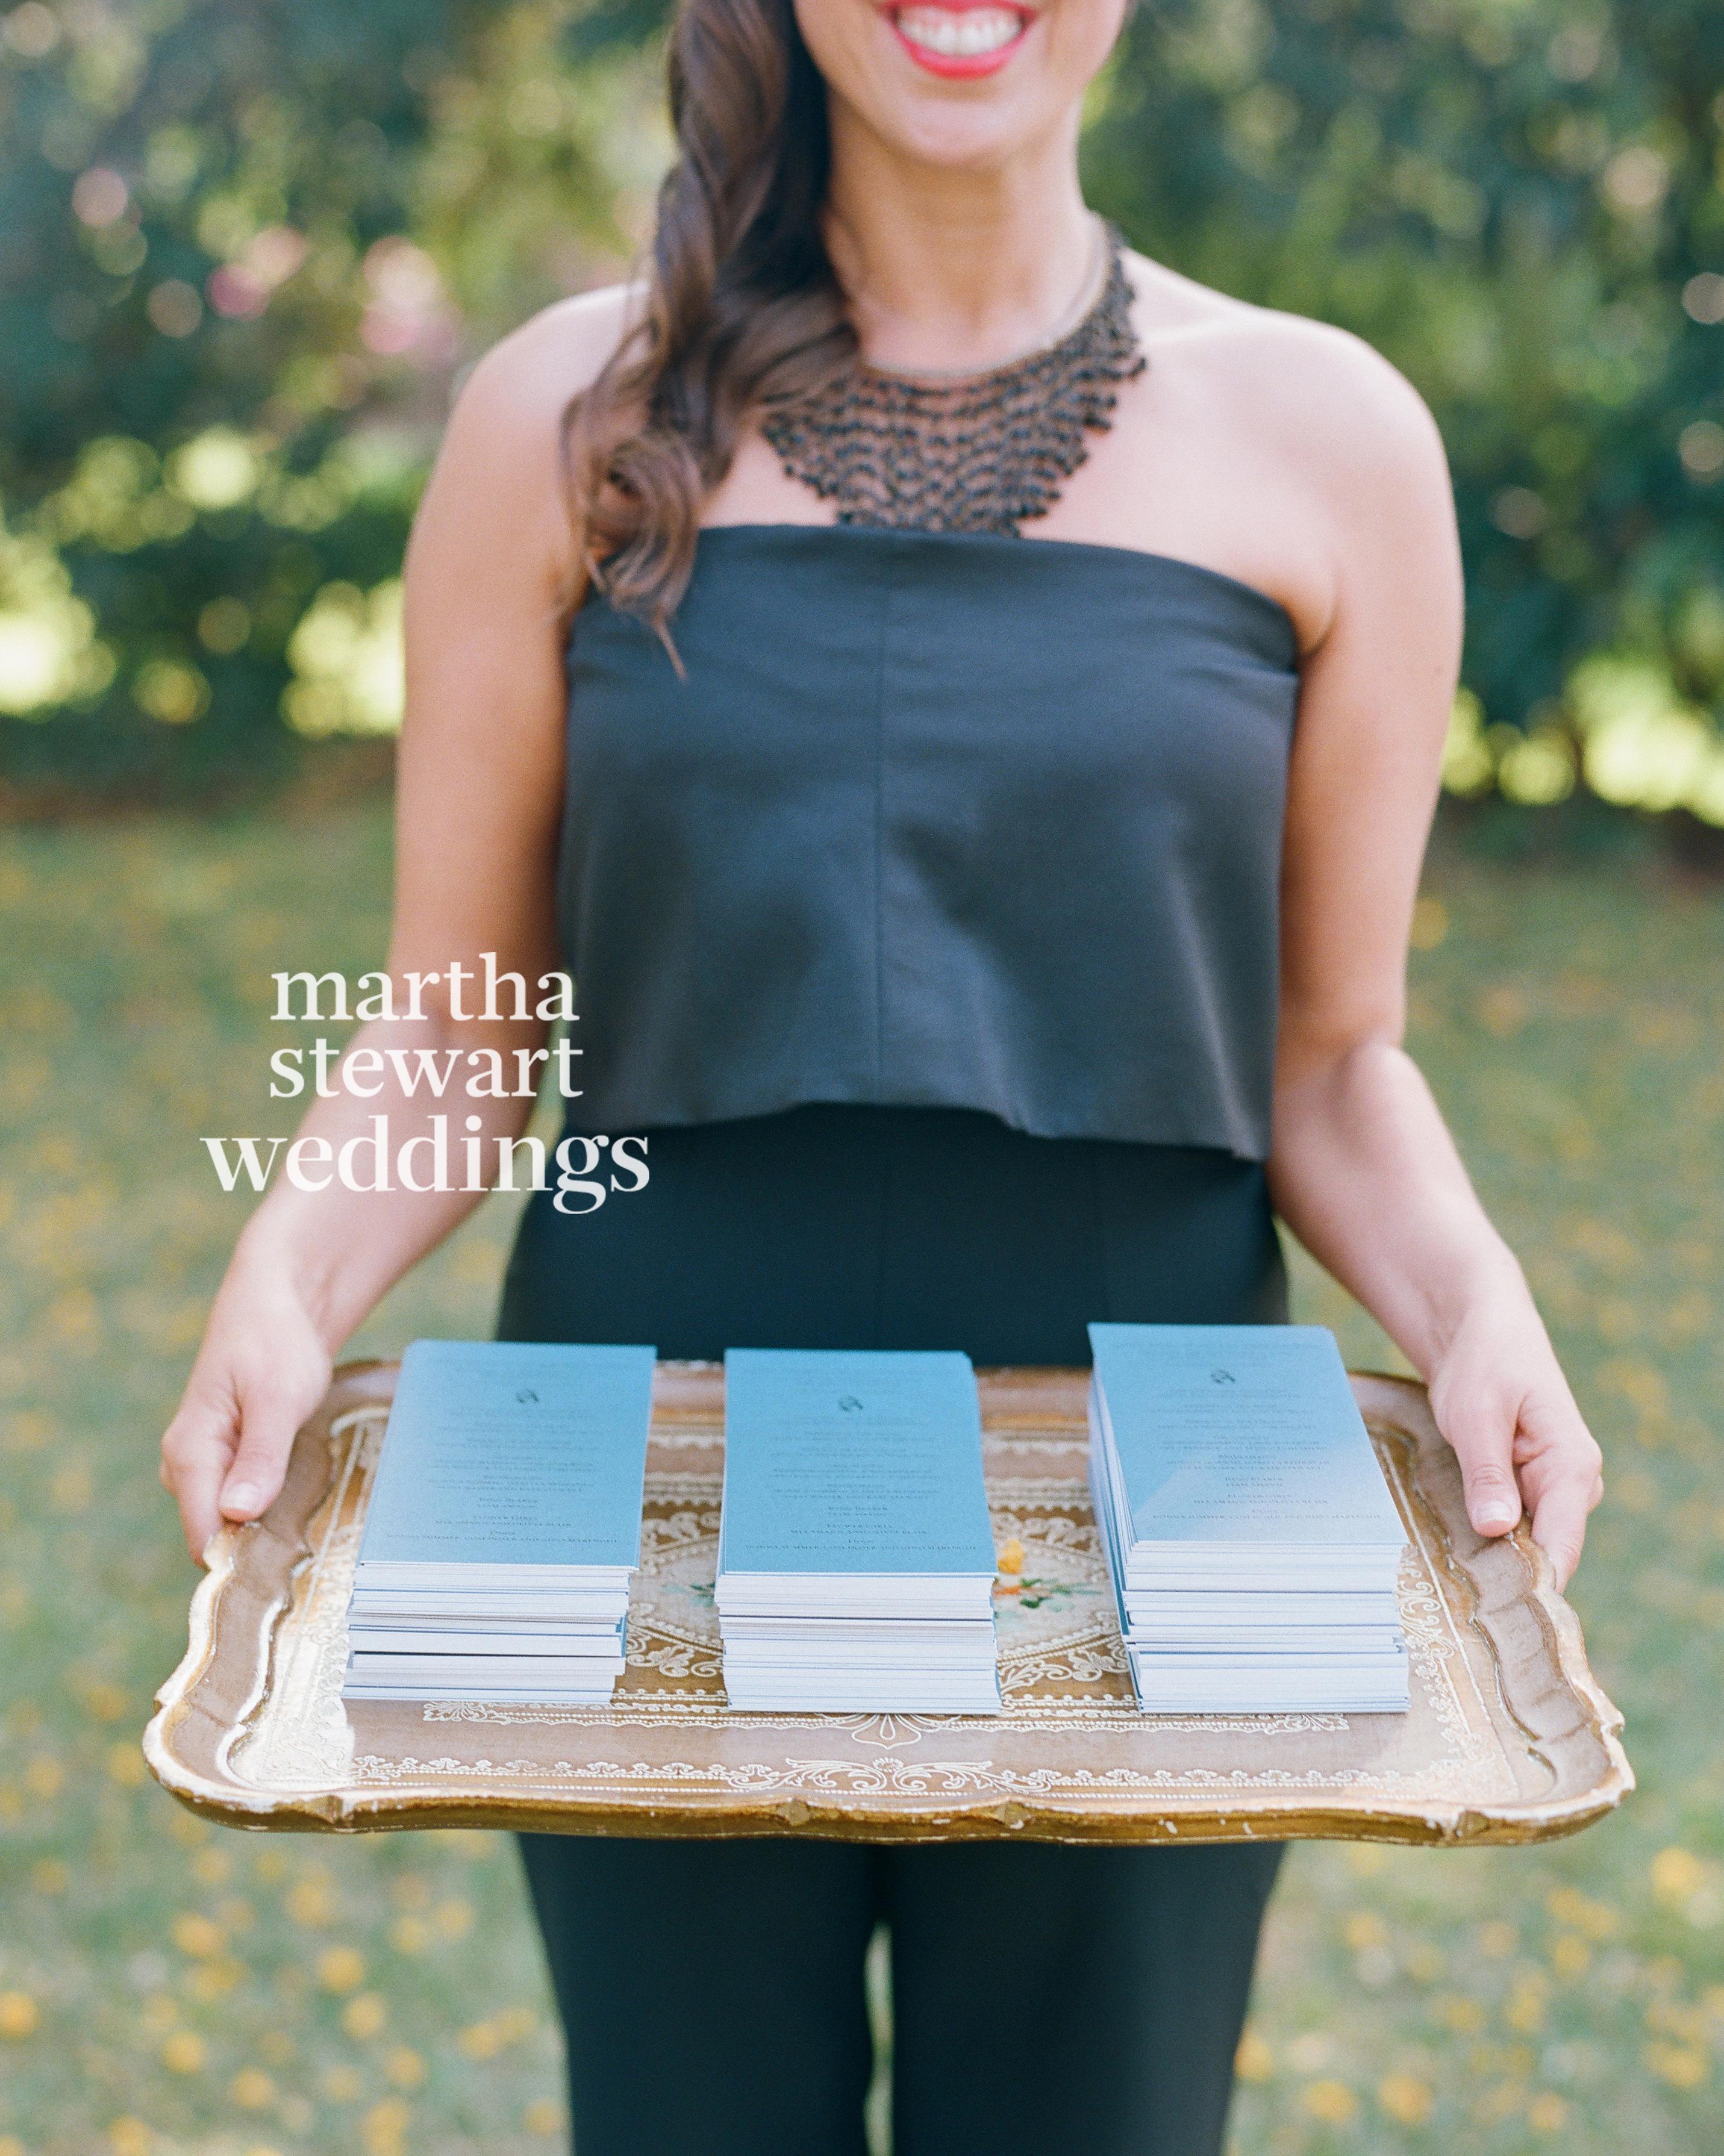 sophia-joel-wedding-los-angeles-033-d112240-watermarked-0915.jpg